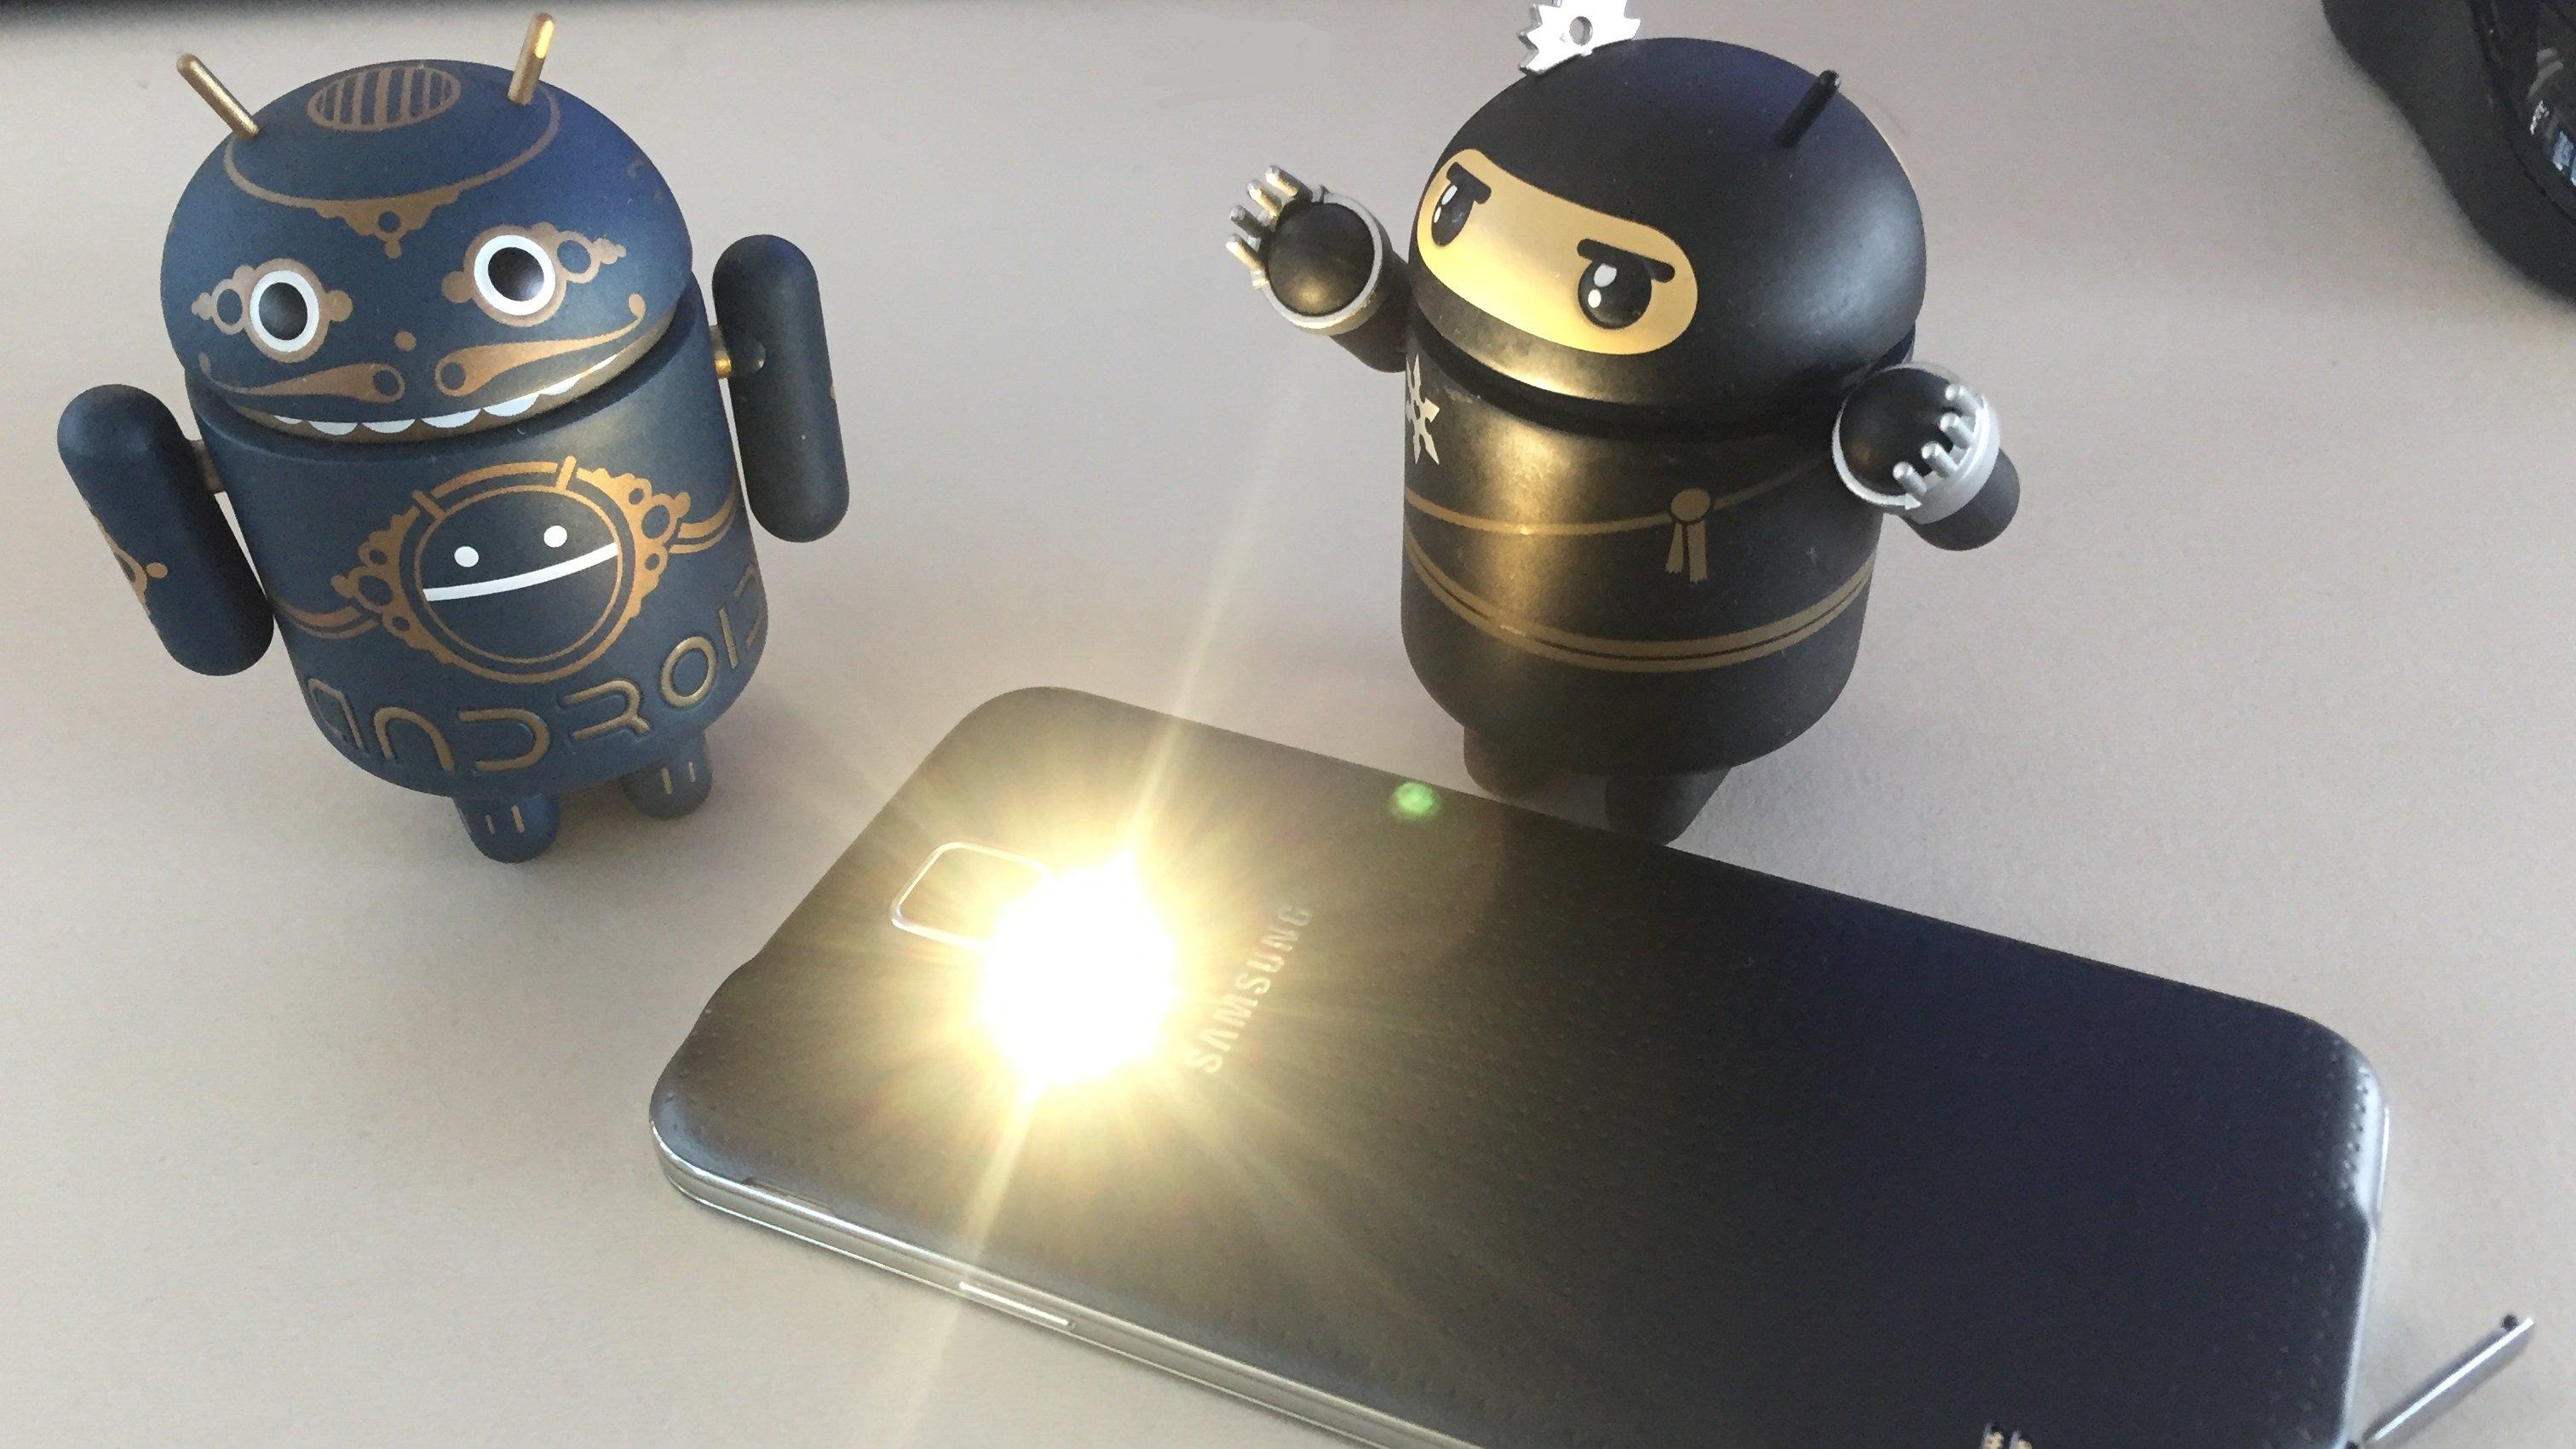 So leuchtet das Smartphone auf, wenn jemand anruft